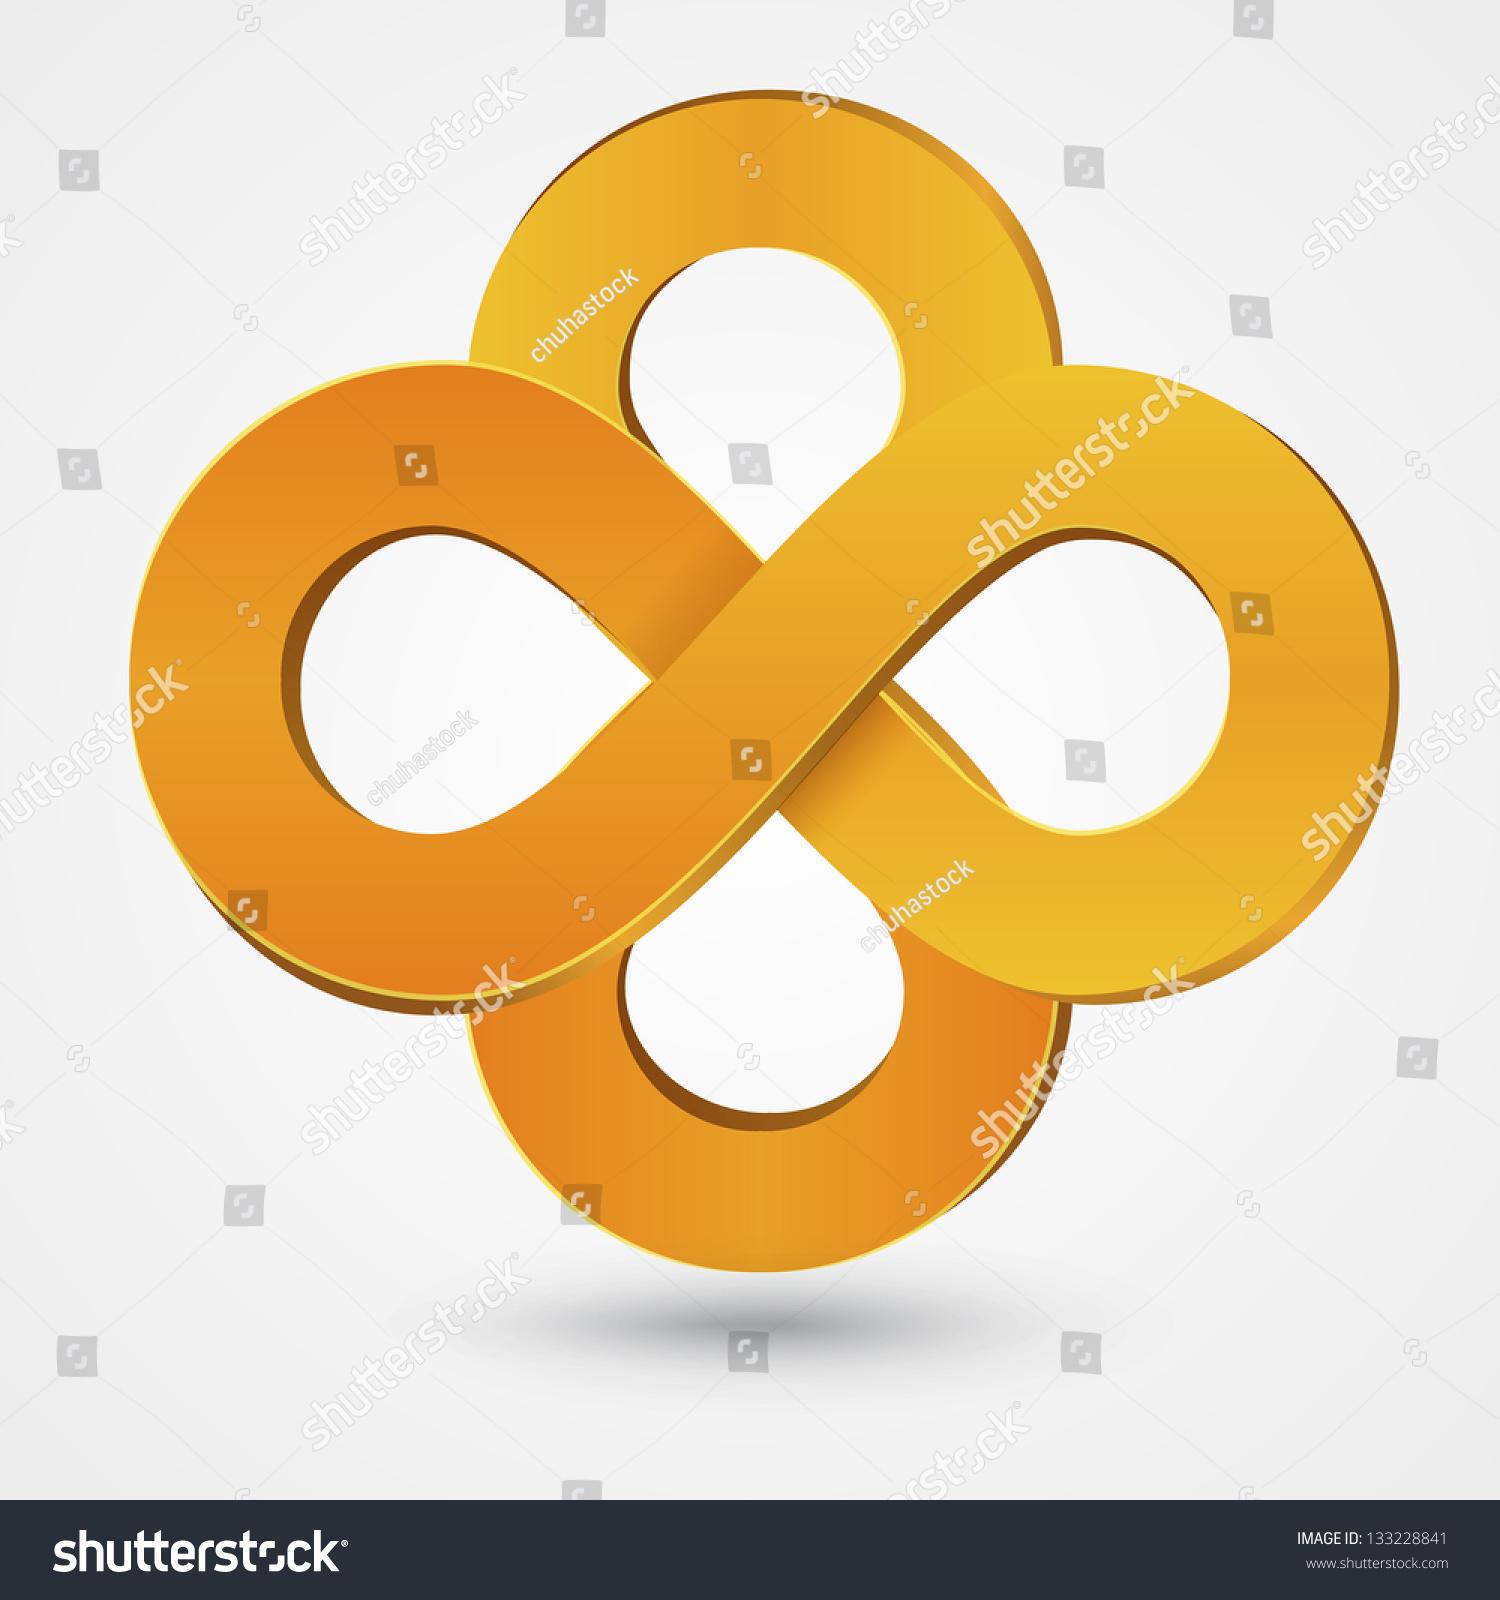 Double infinity symbol revenge gallery symbol and sign ideas double infinity symbol vector more information kopihijau double infinity symbol vector buycottarizona buycottarizona